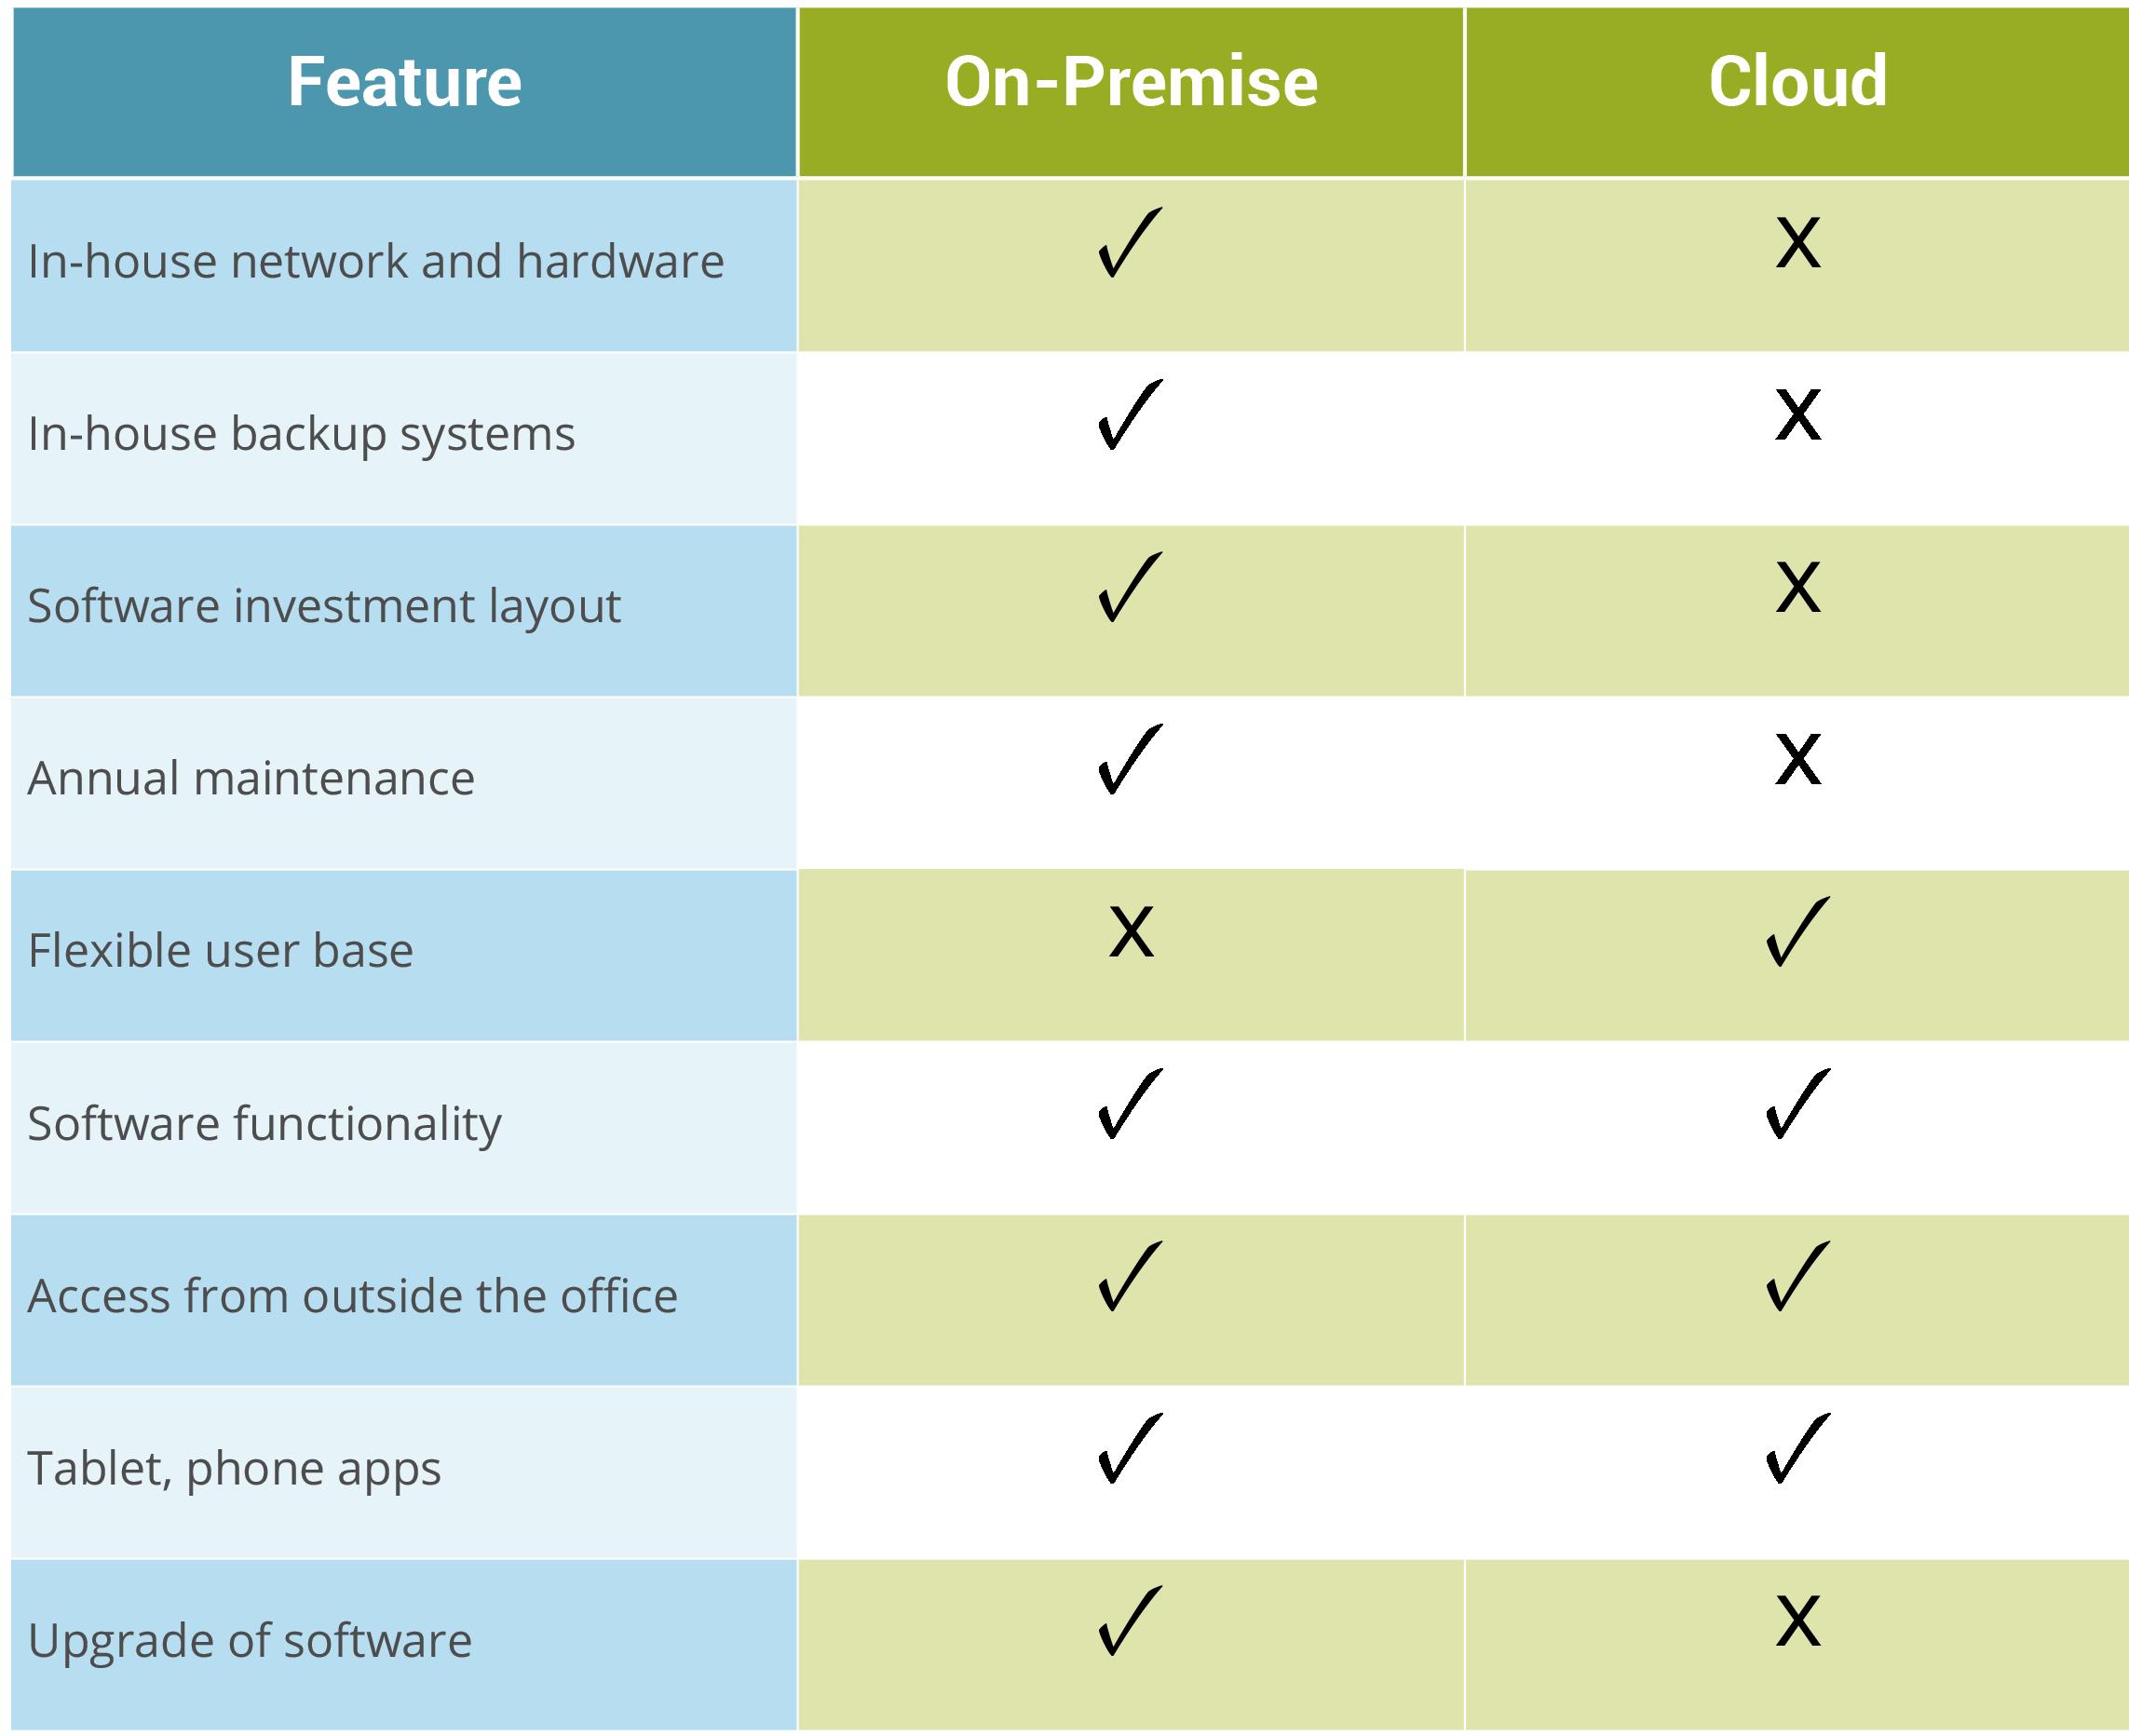 Cloud-vs-On-premise-comparison.png